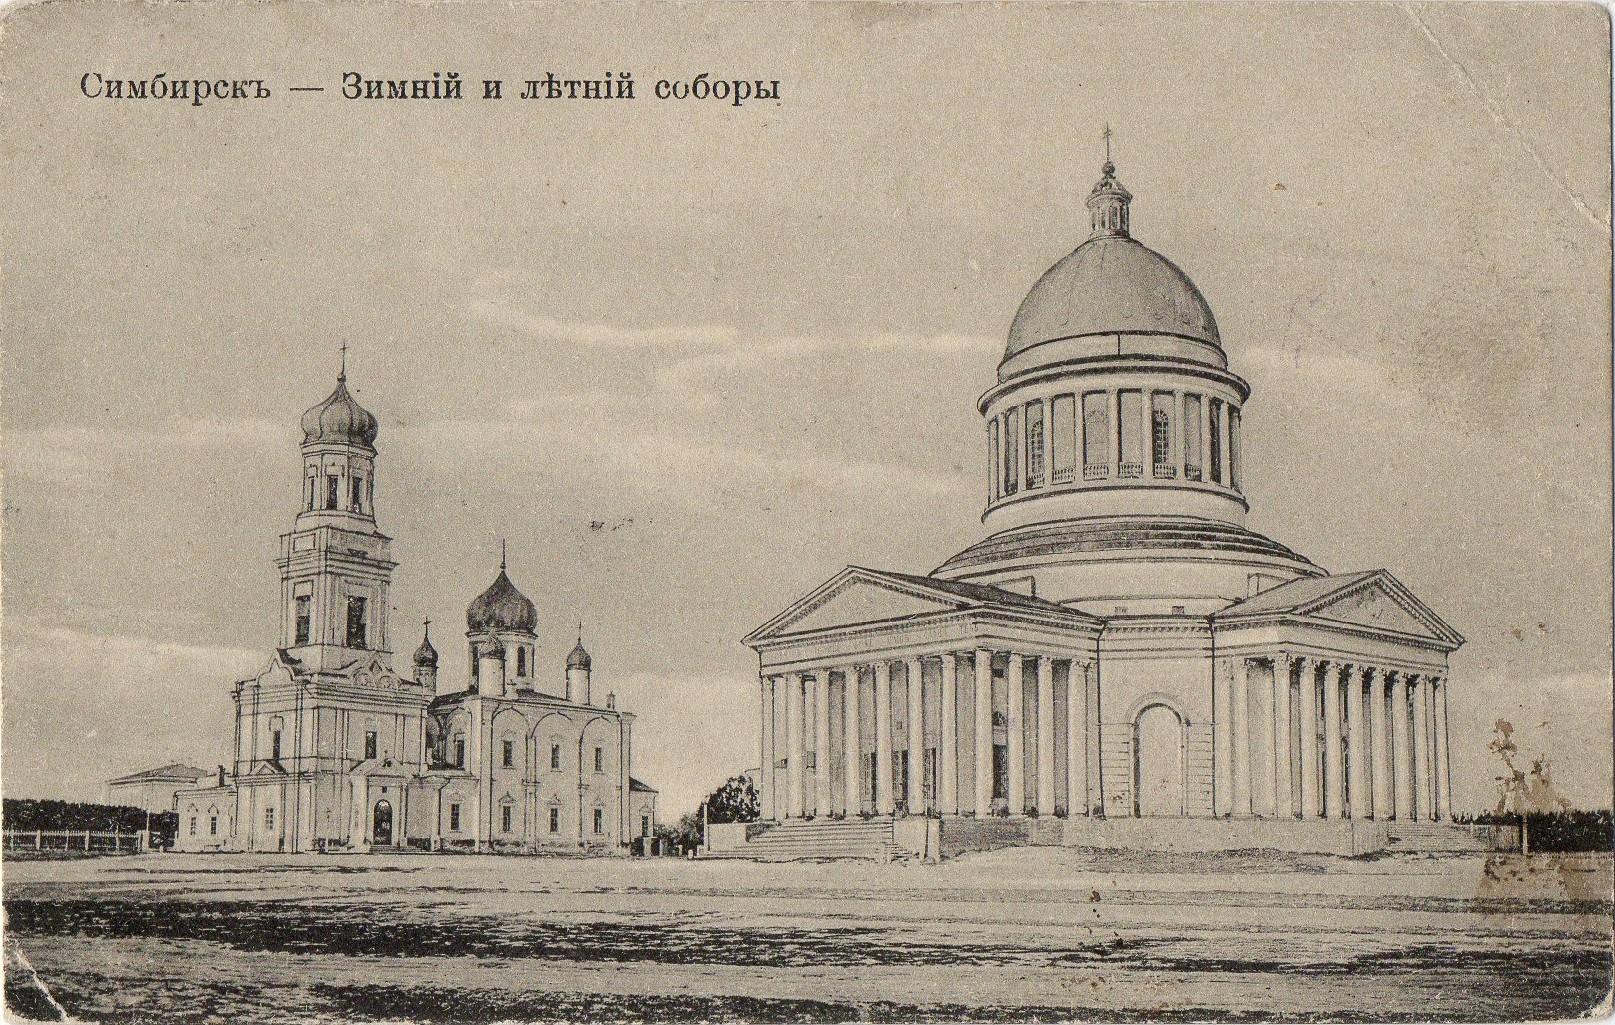 Зимний и летний соборы